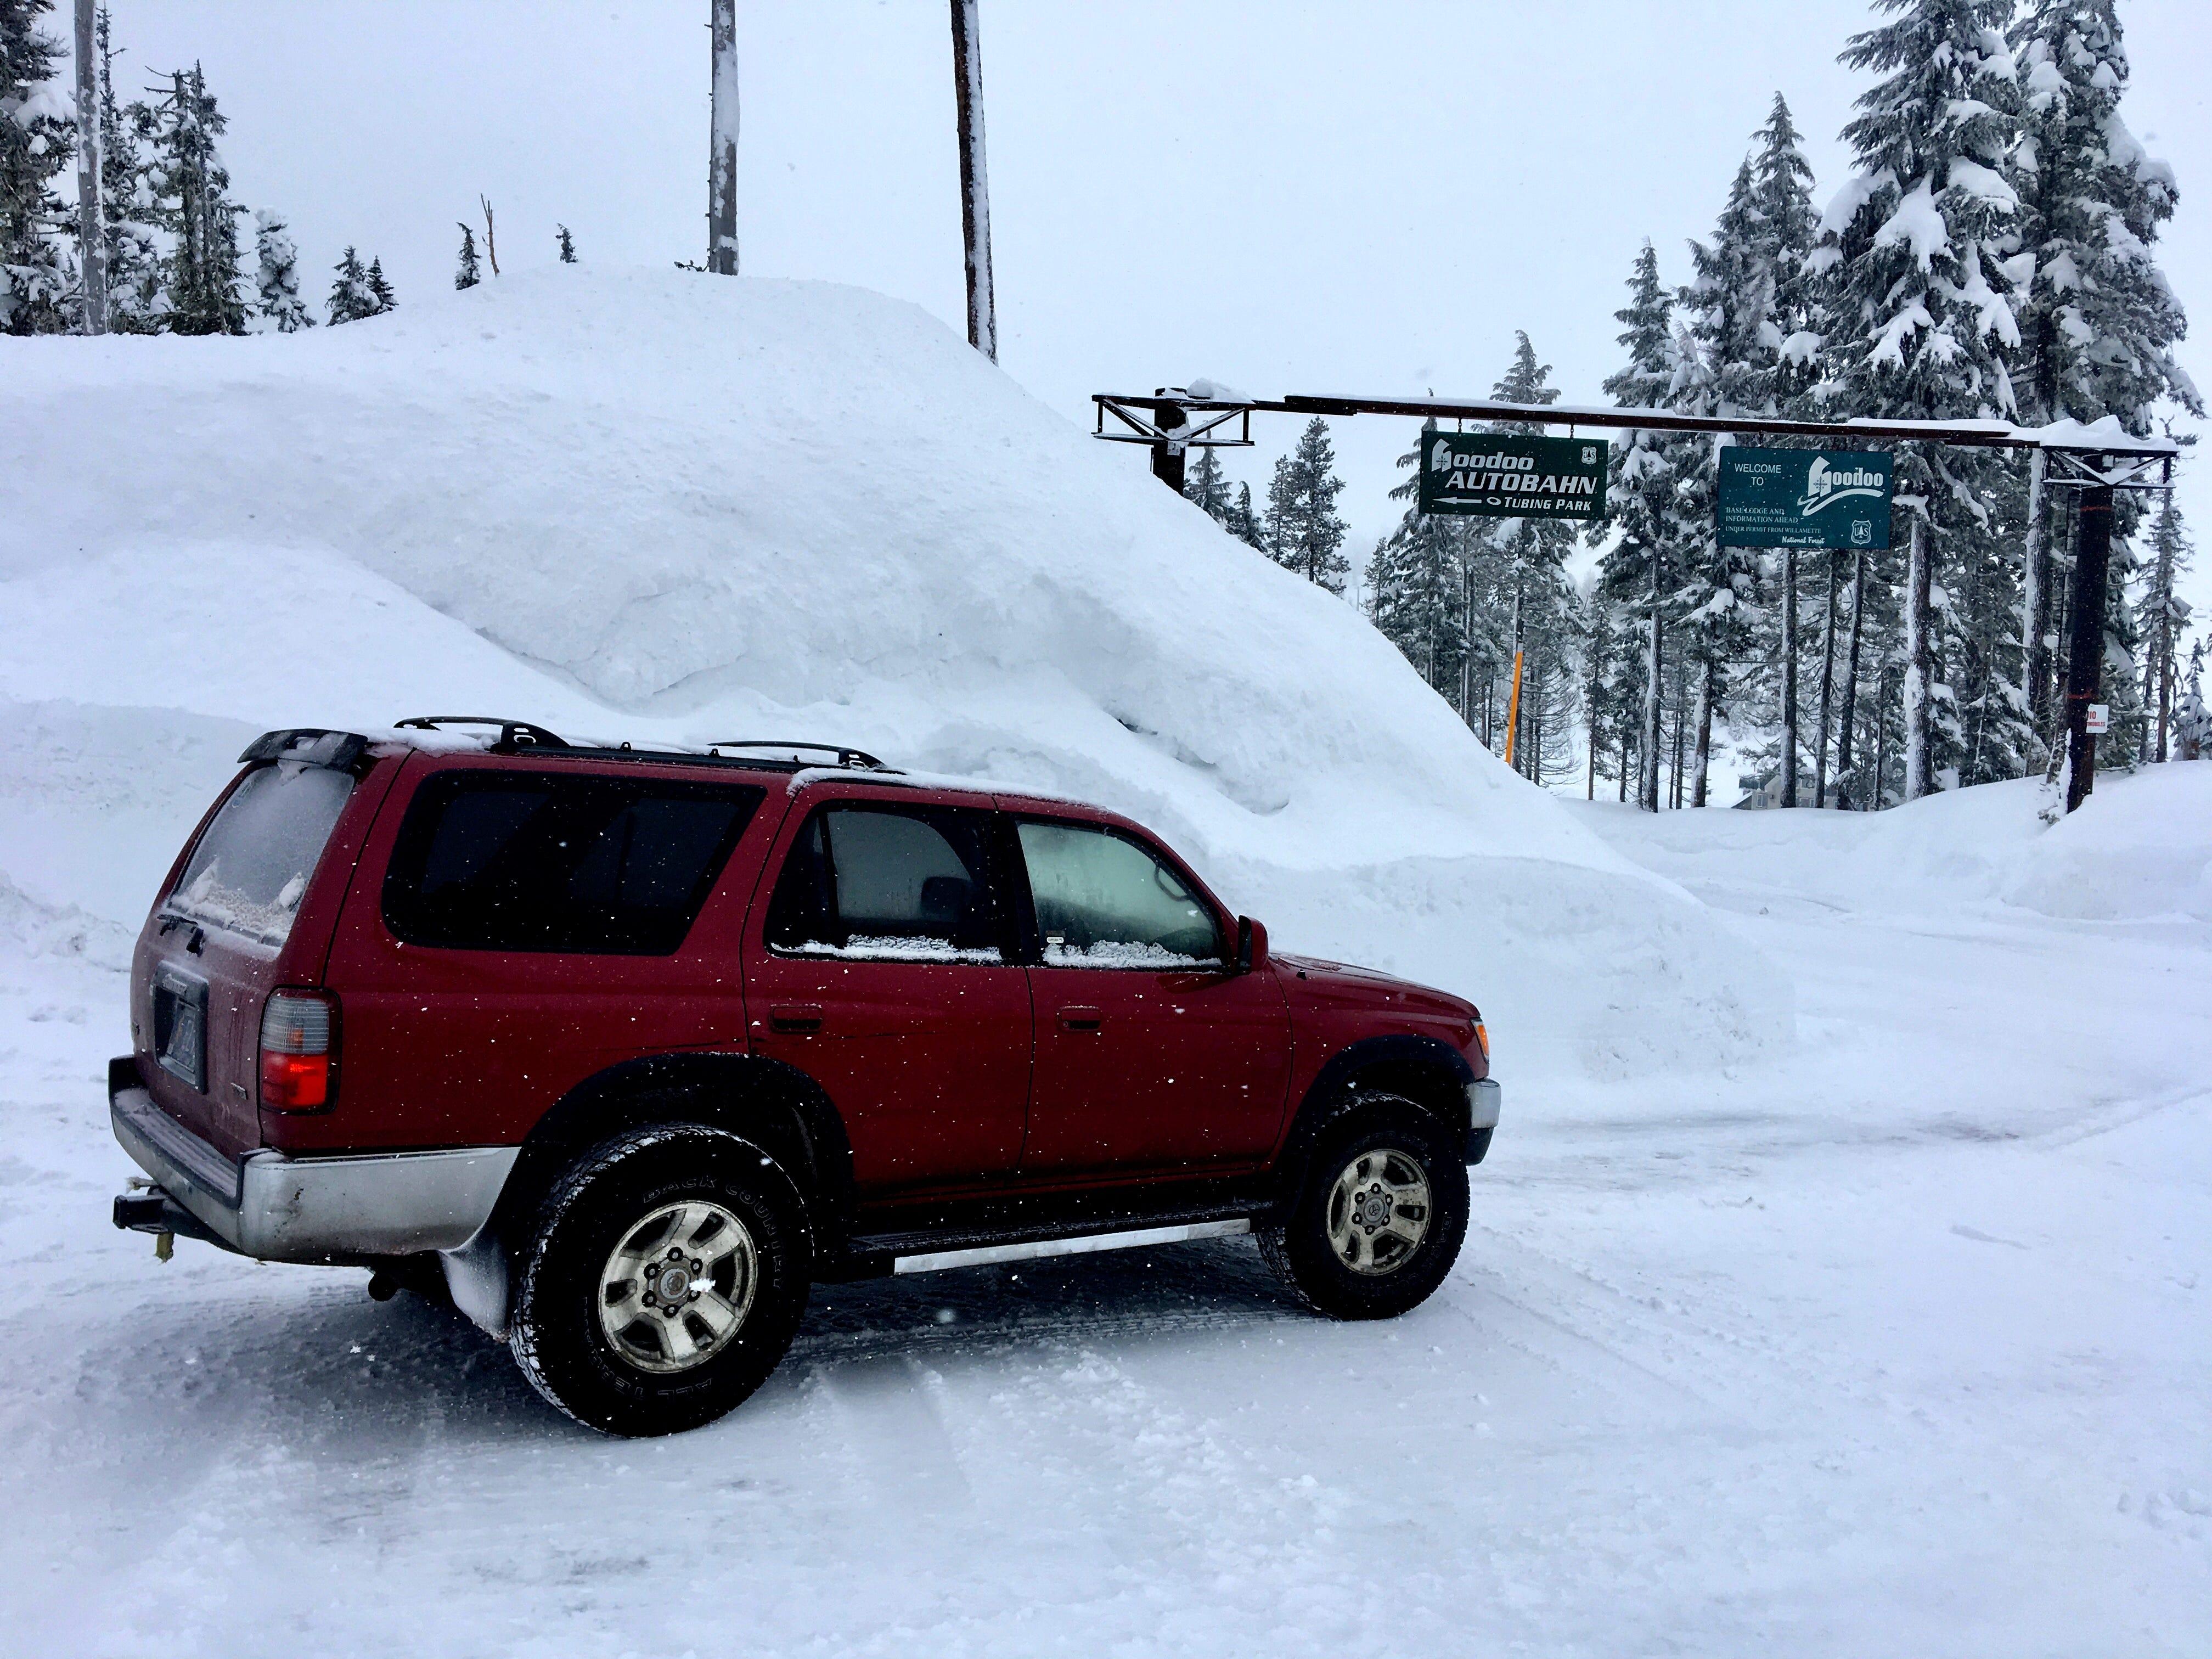 High snow near Hoodoo Ski Area on Santiam Pass on Feb. 26, 2019.